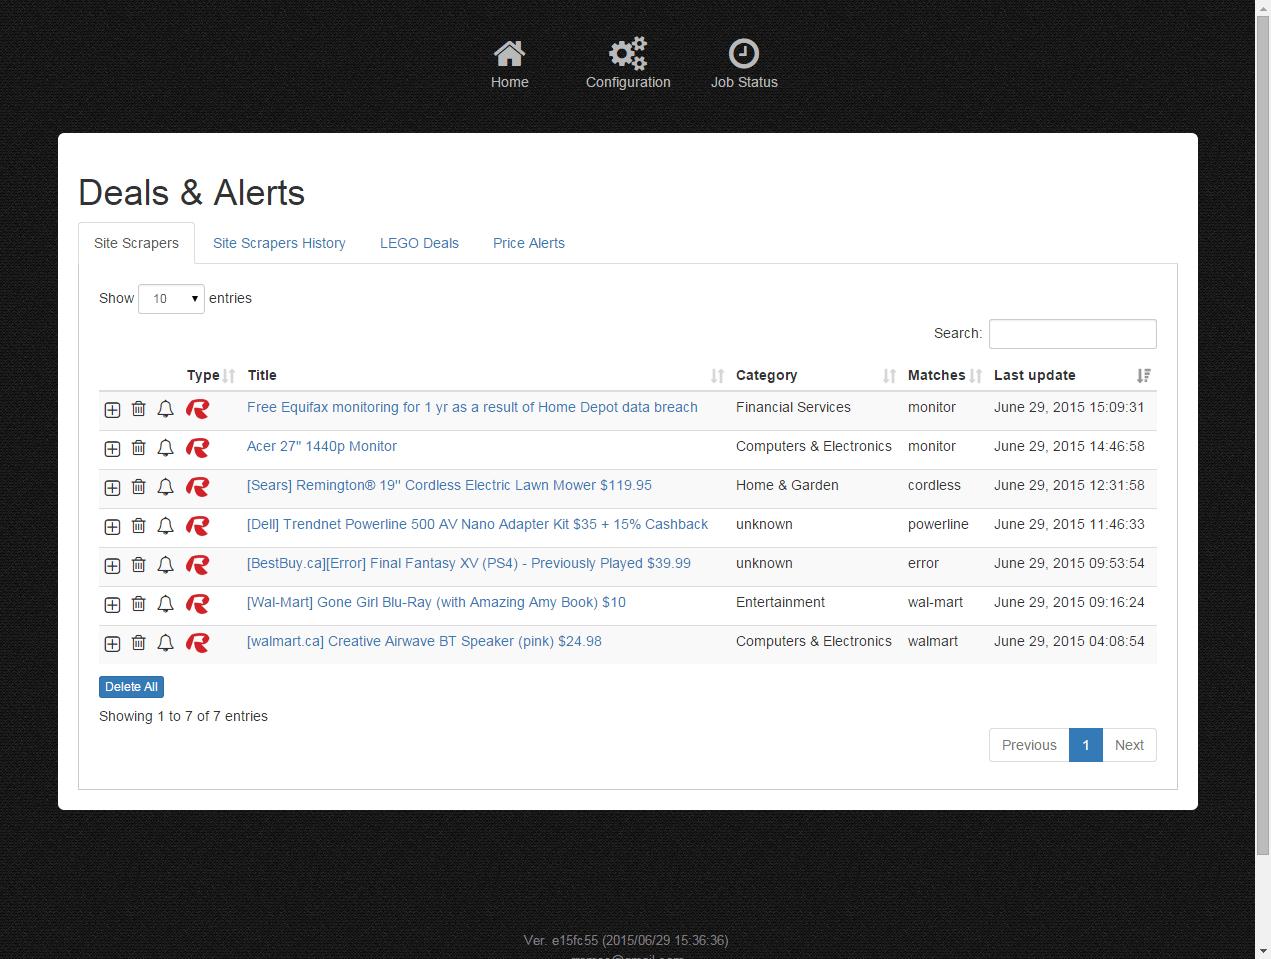 DealNotifier: Site Scrapers